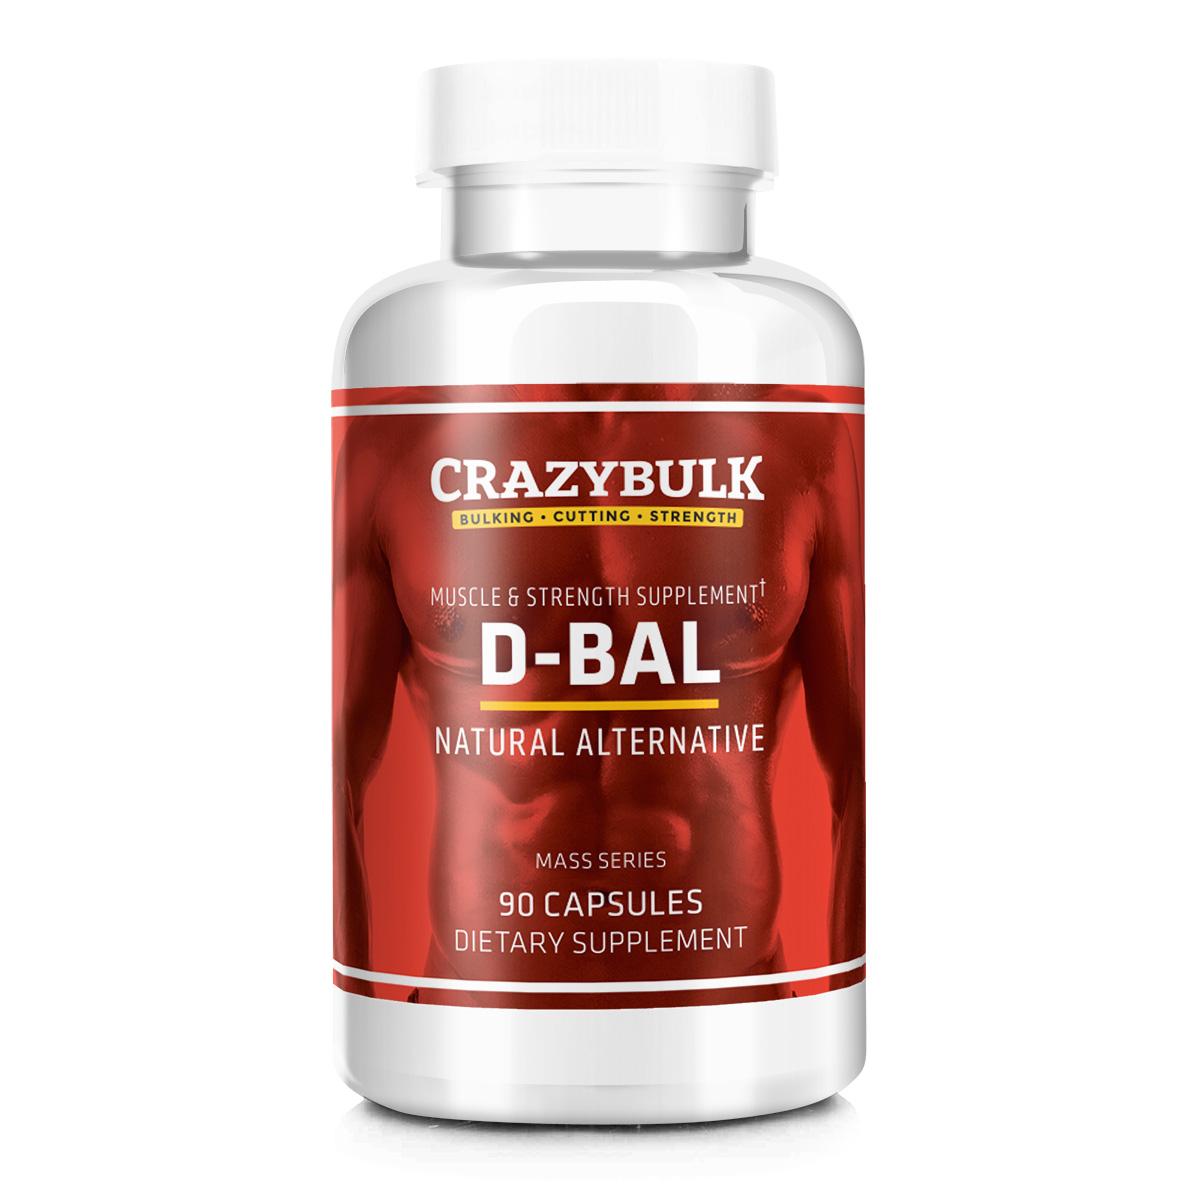 D-Bal hecho por CrazyBulk